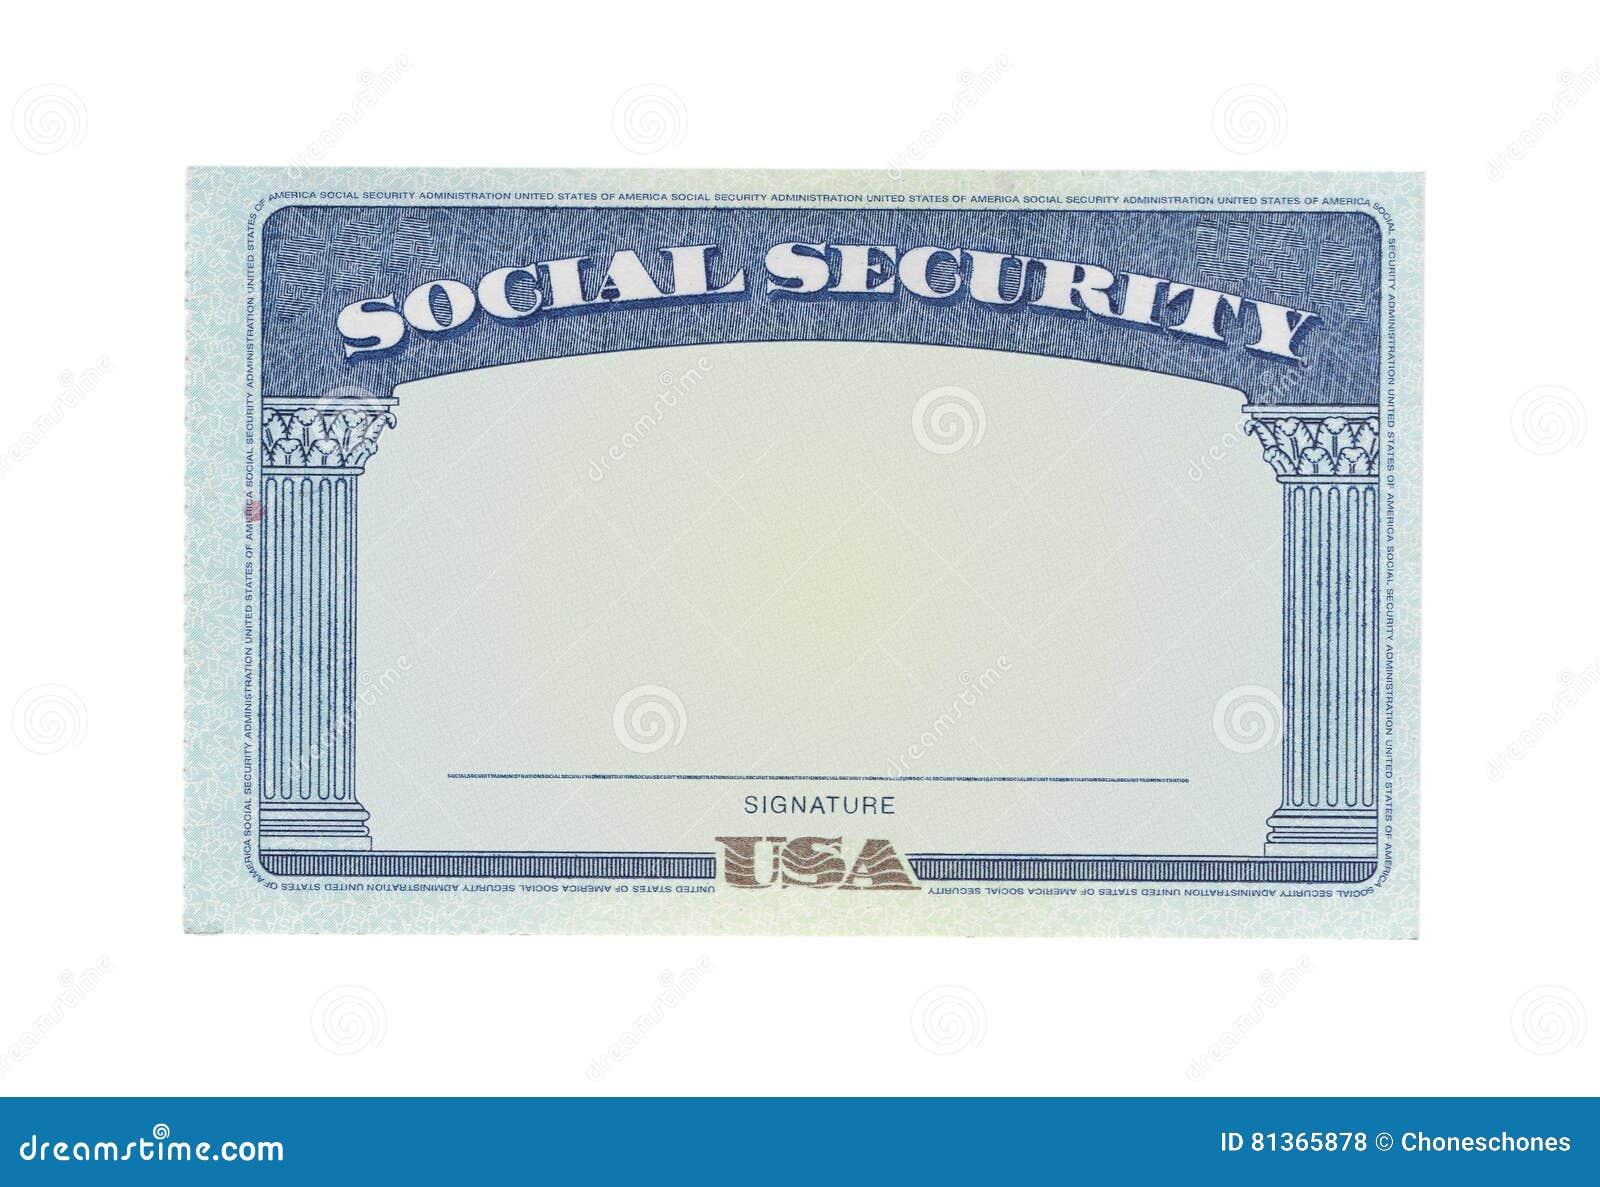 Säkerhetssamkväm för blankt kort